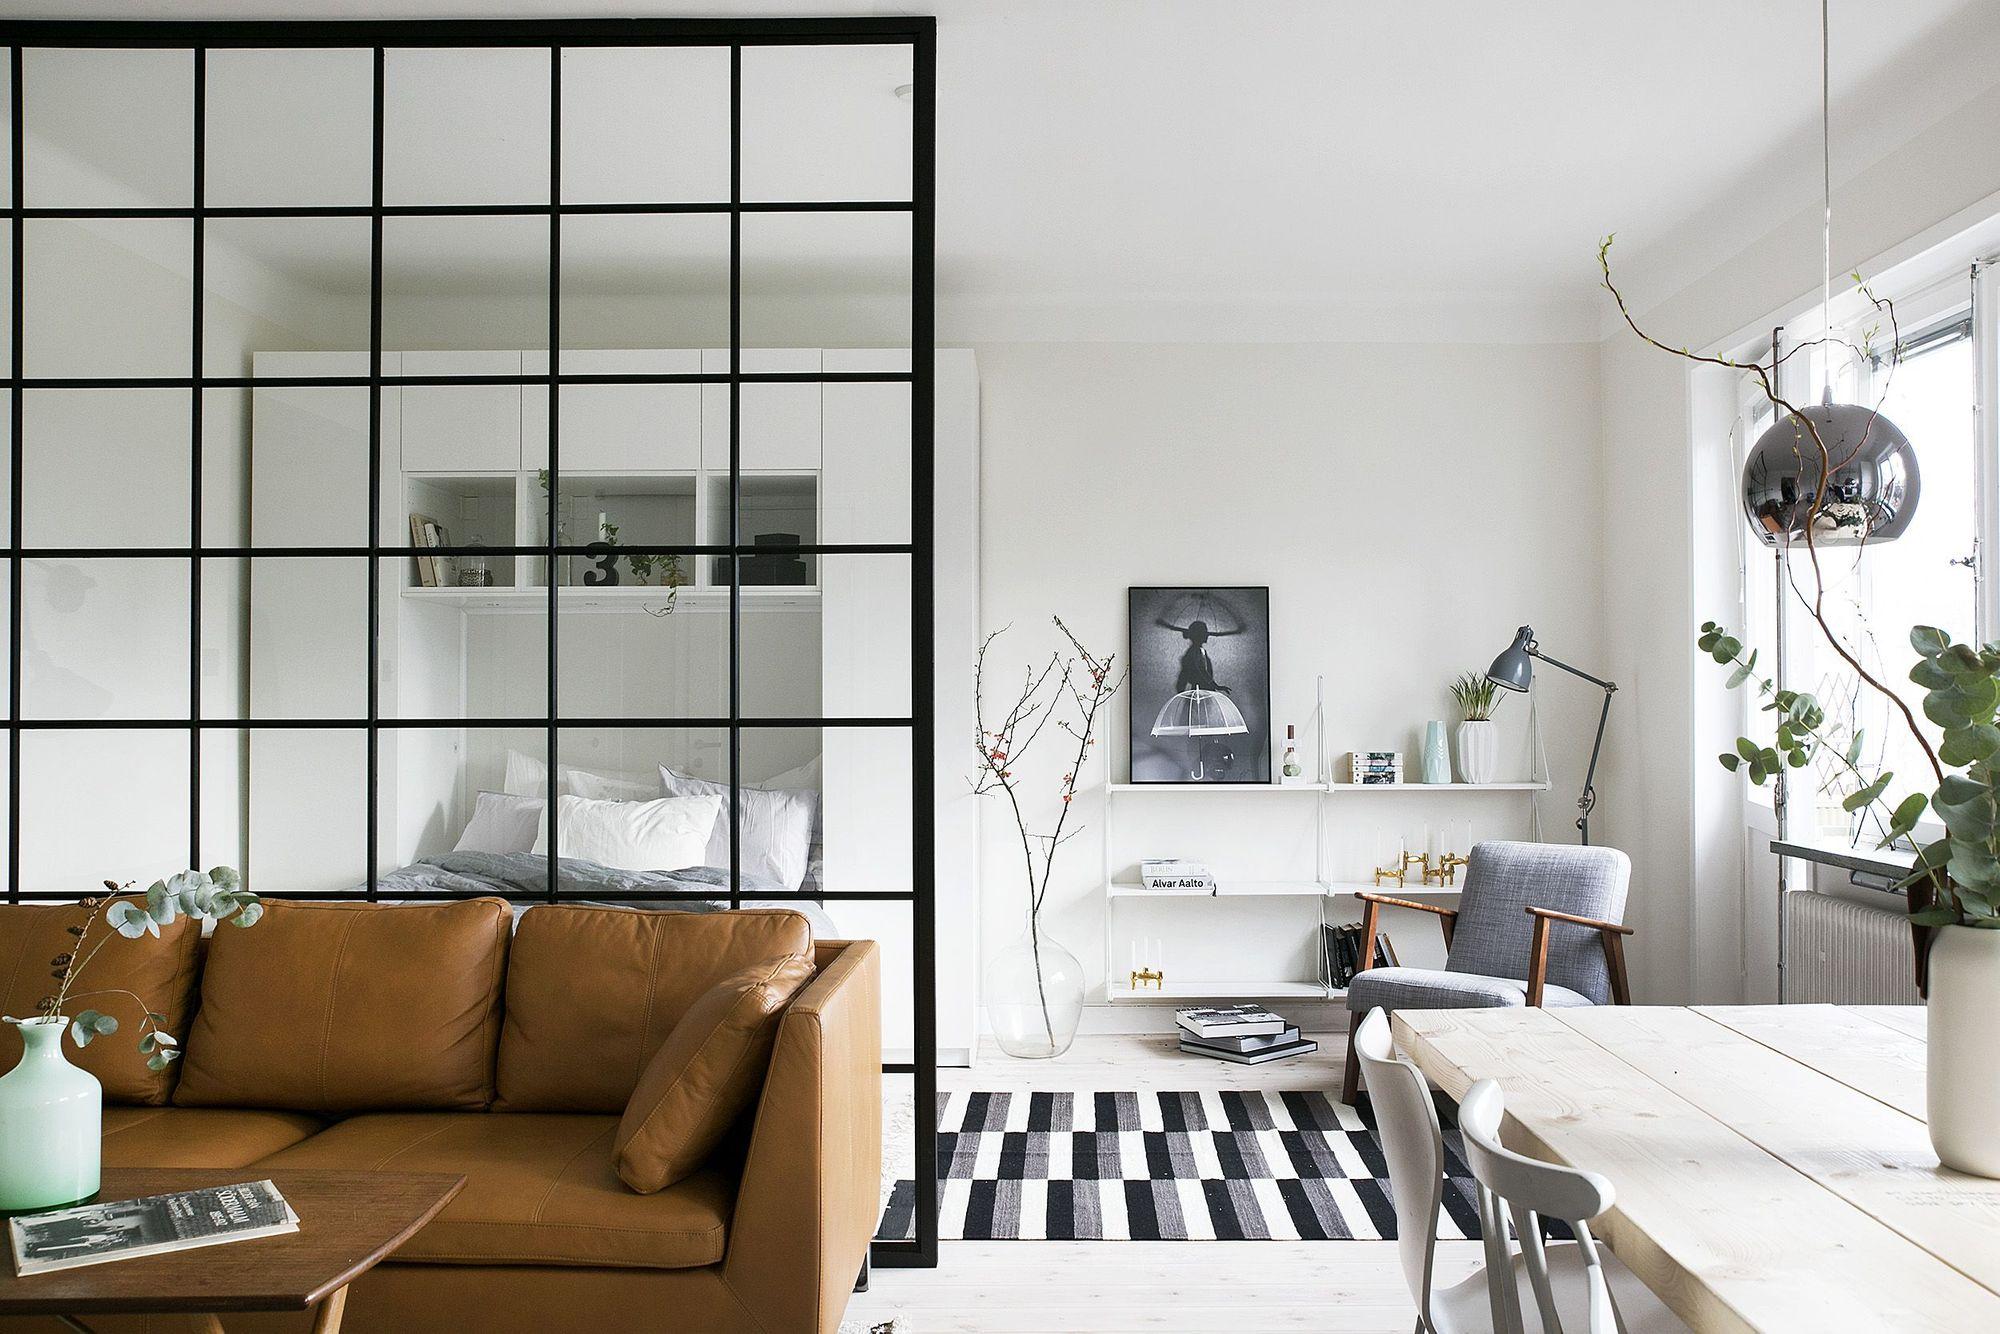 inspirasi desain sekat ruang transparan